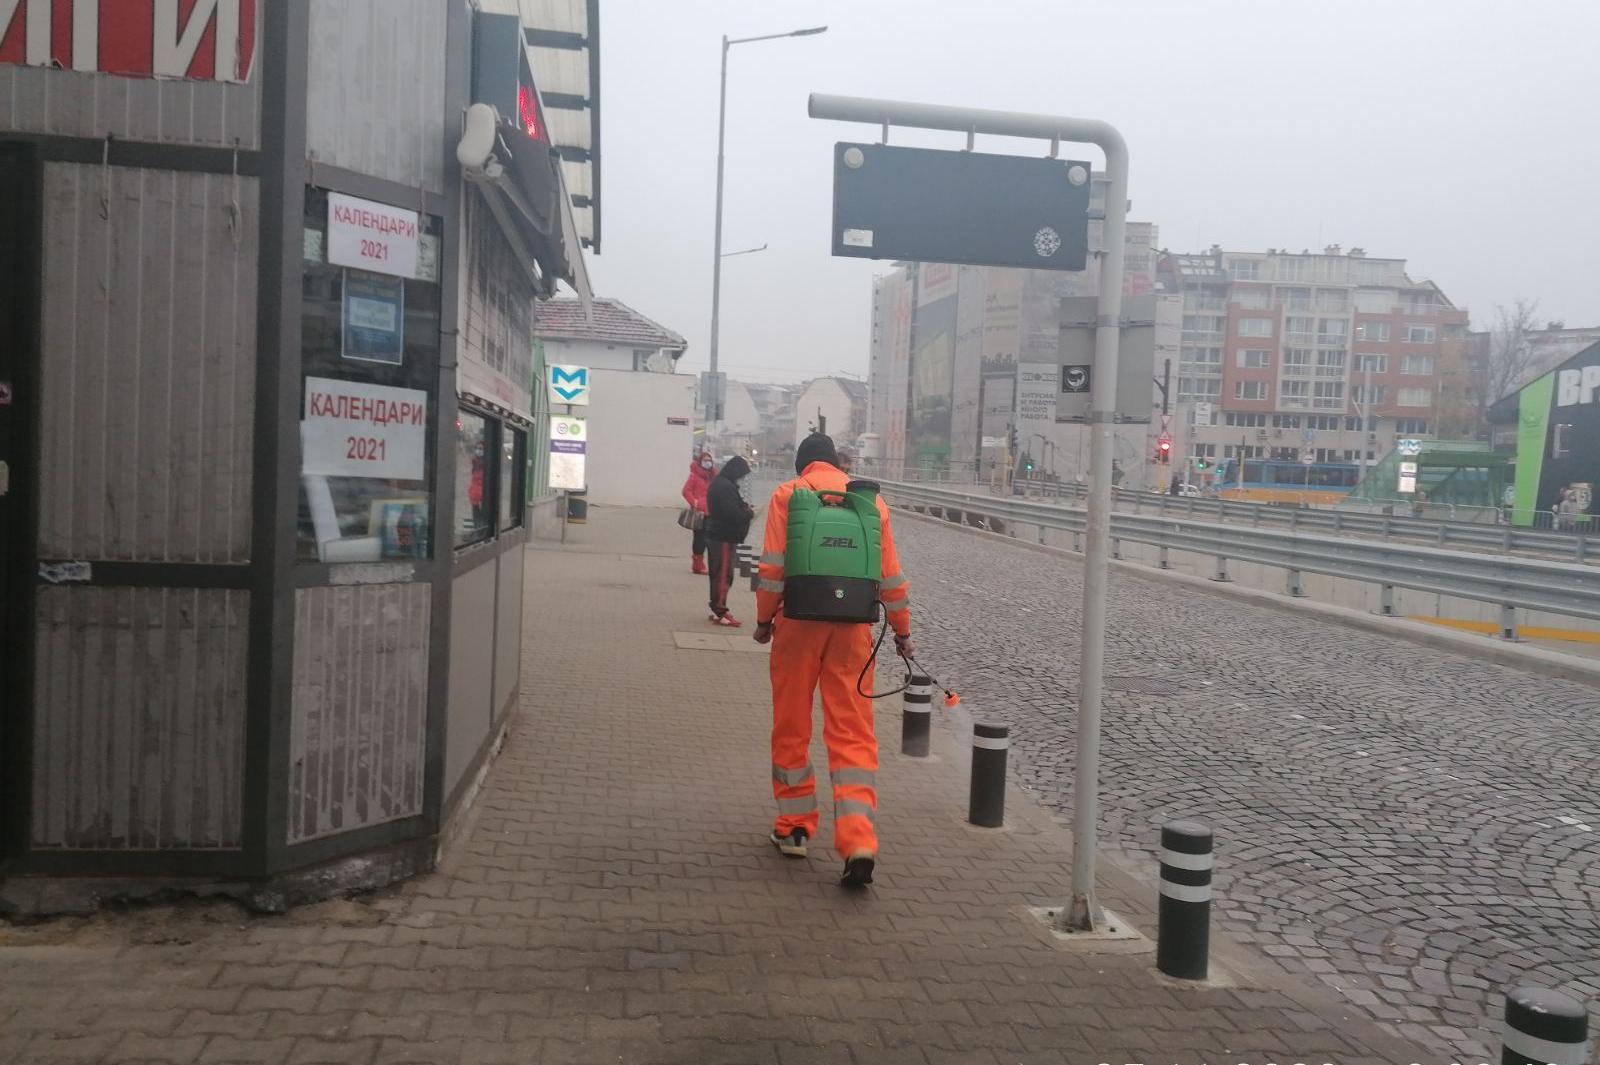 Дезинфекцират рискови места в София срещу COVID-19 (СНИМКИ)